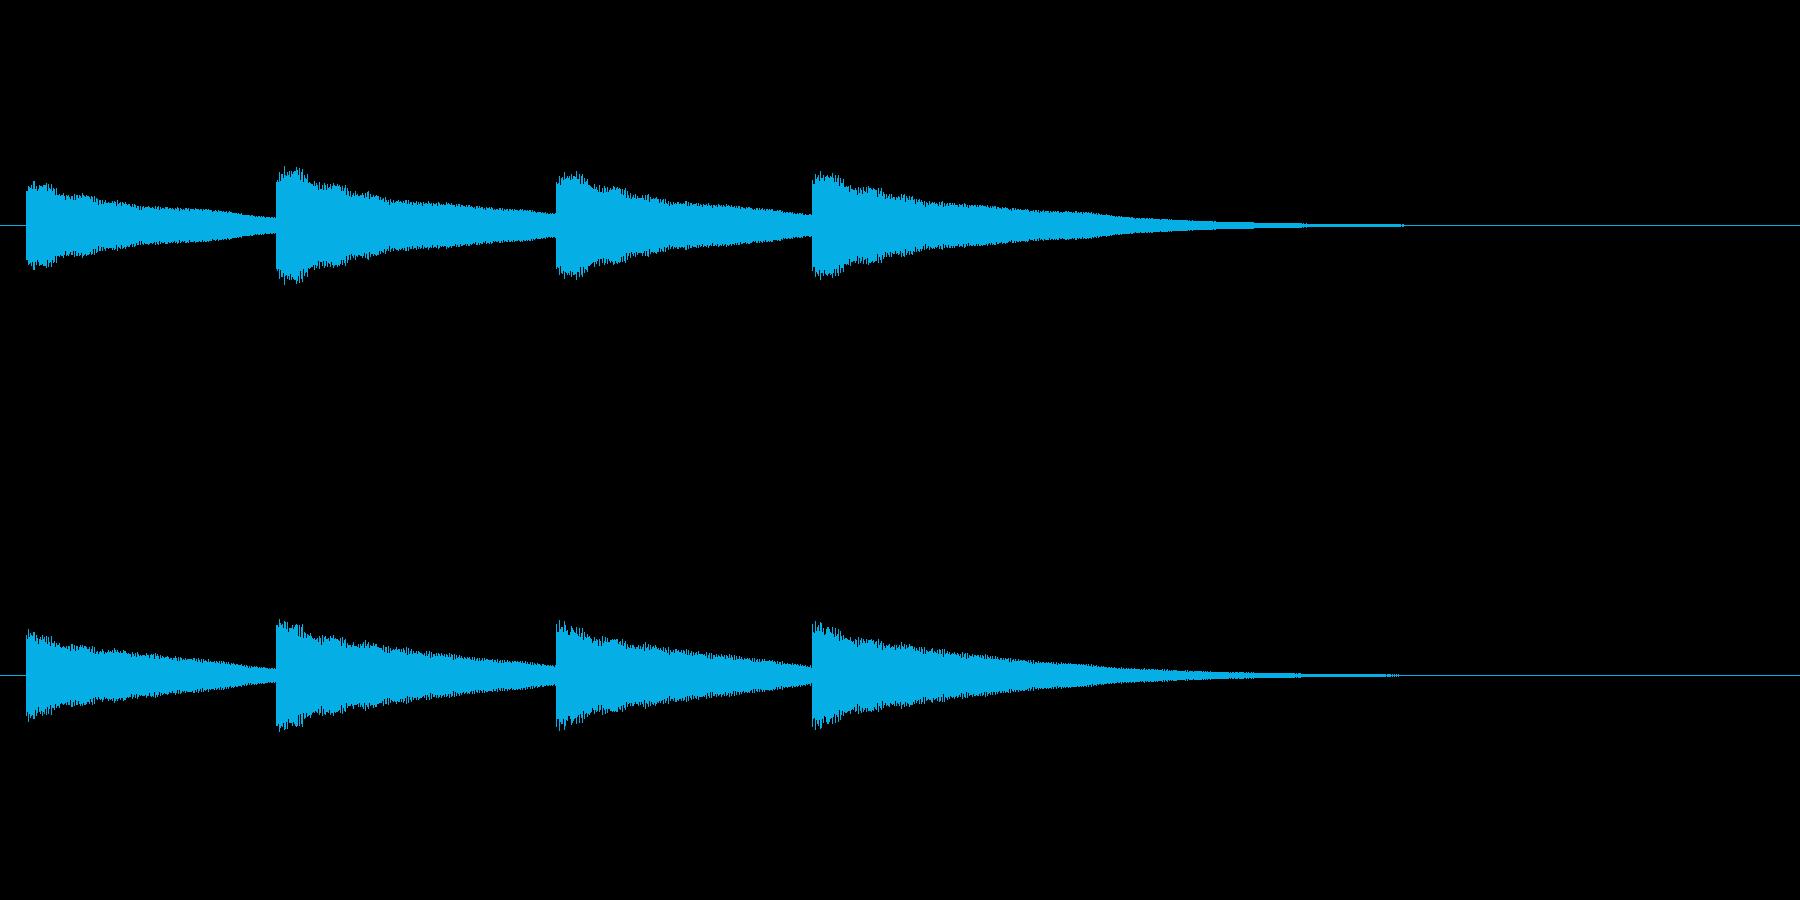 鐘の音(カーン×4回)の再生済みの波形